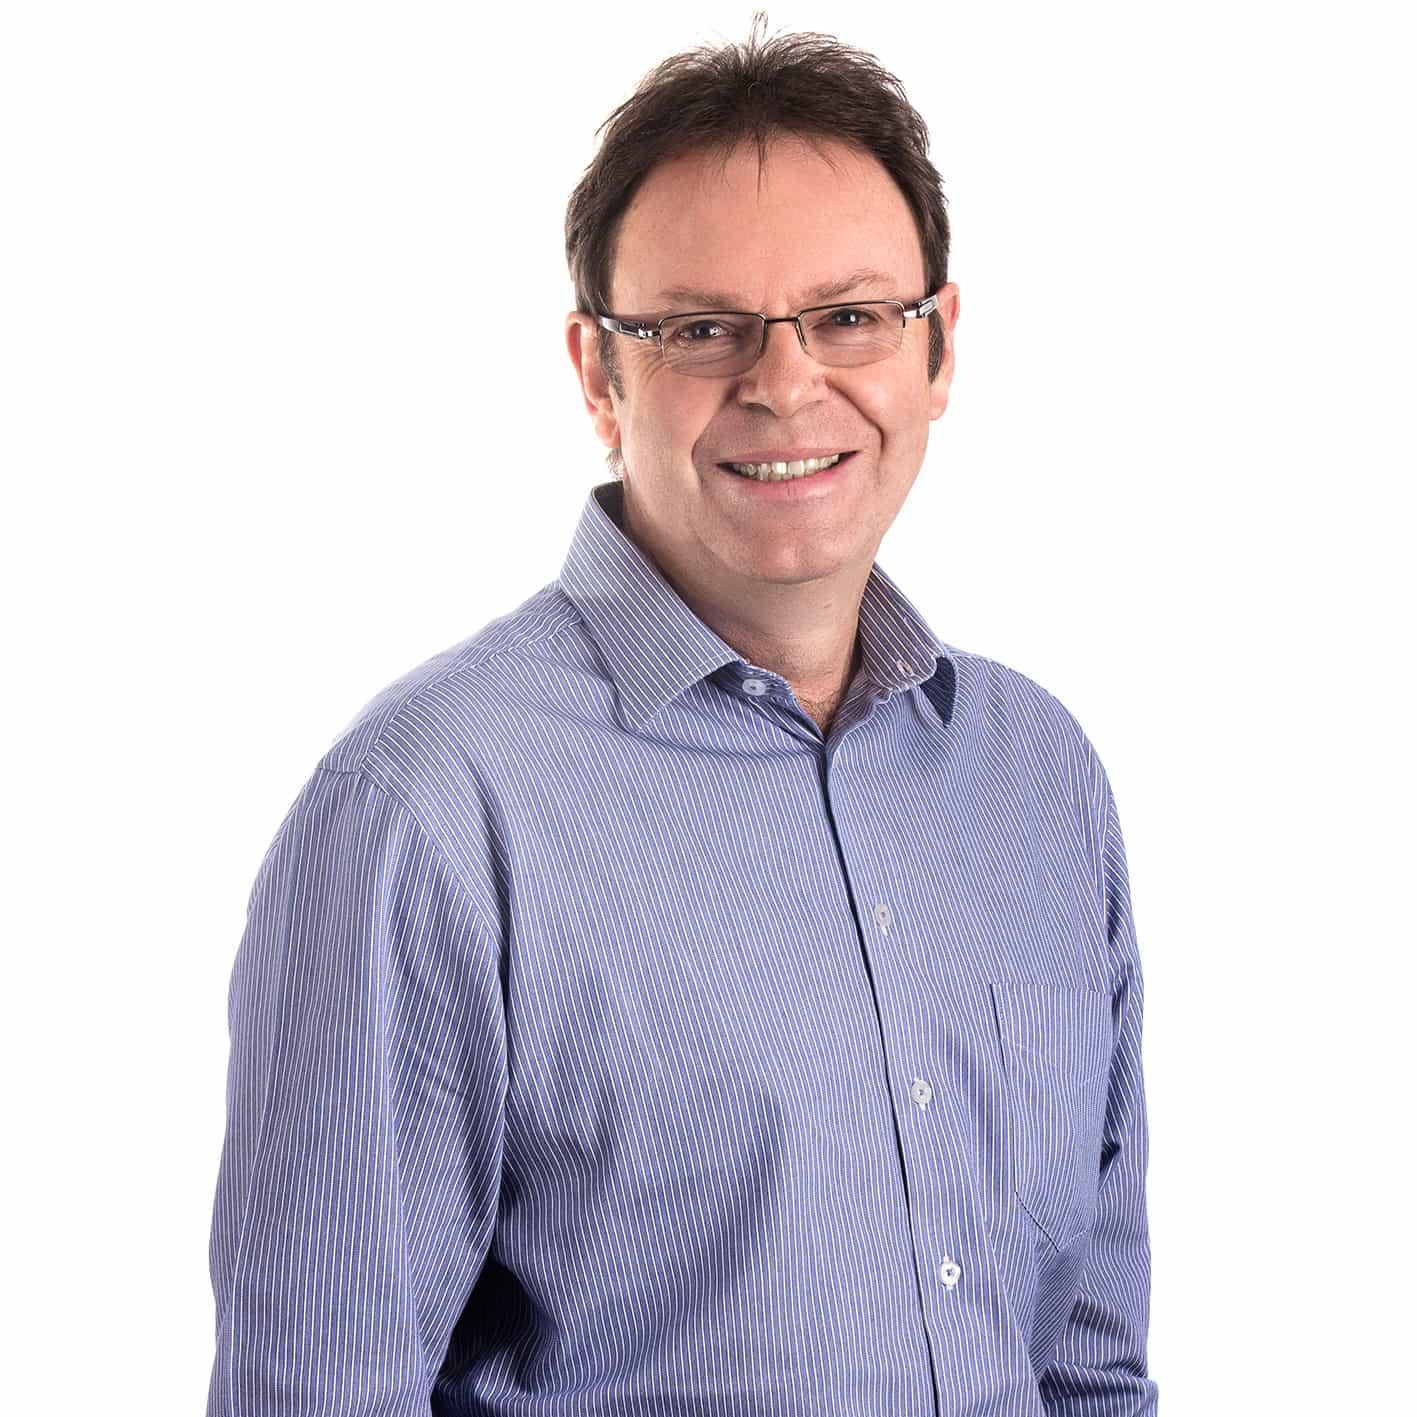 Gerrit Viljoen